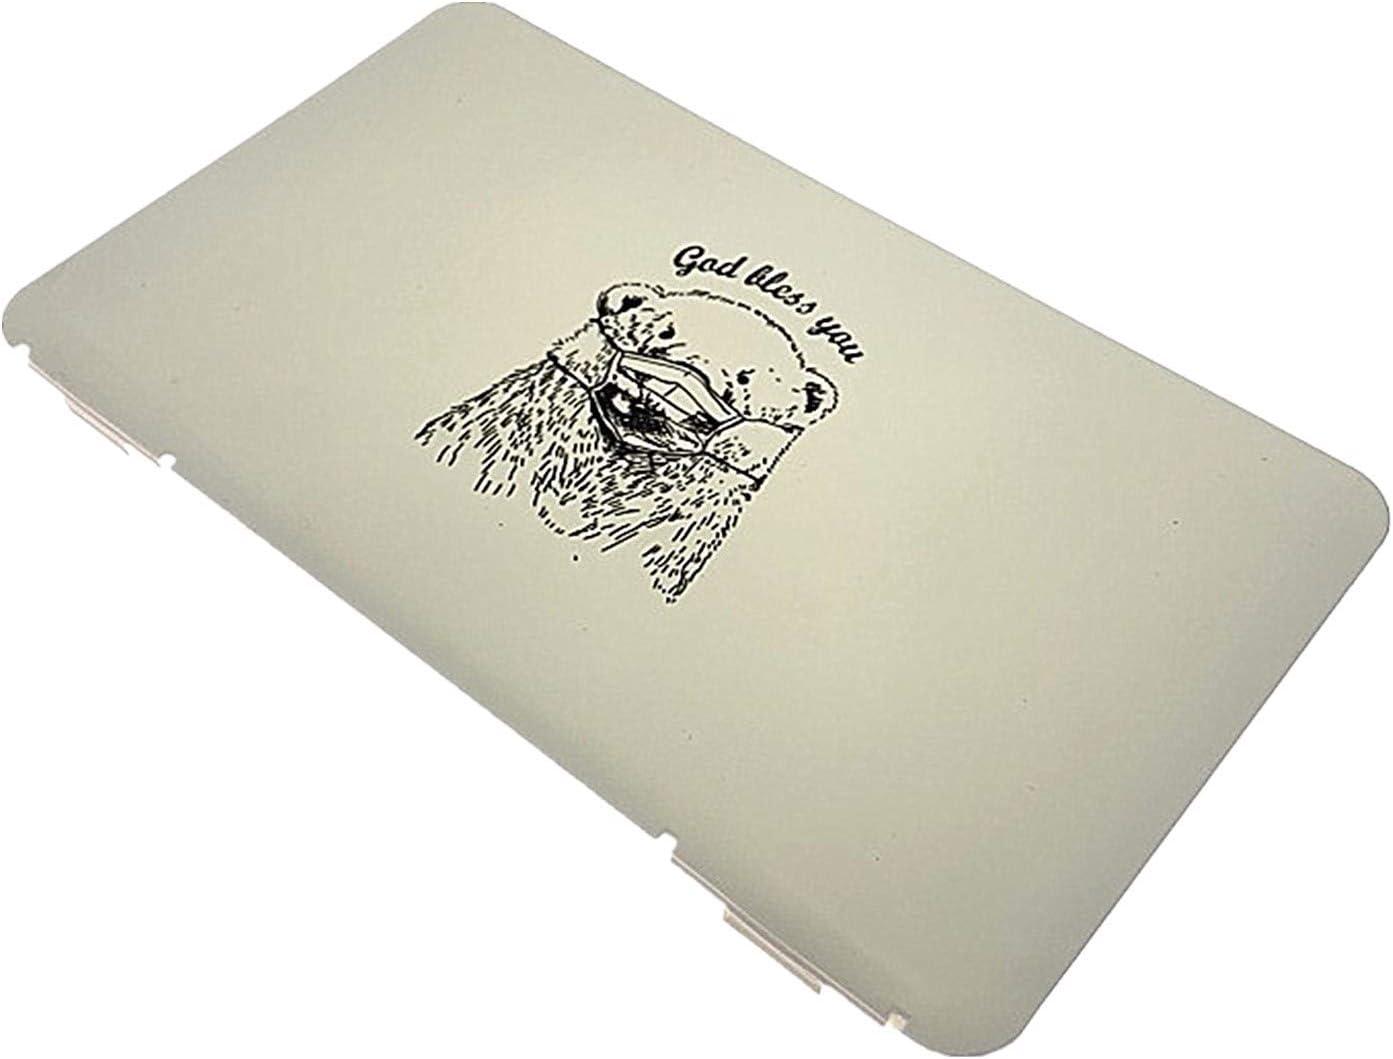 Caja de mascarillas desechables para la cara, bolsa de almacenamiento plegable, organizador de máscaras desechables, caja de almacenamiento para la prevención de la contaminación de máscaras Blanco